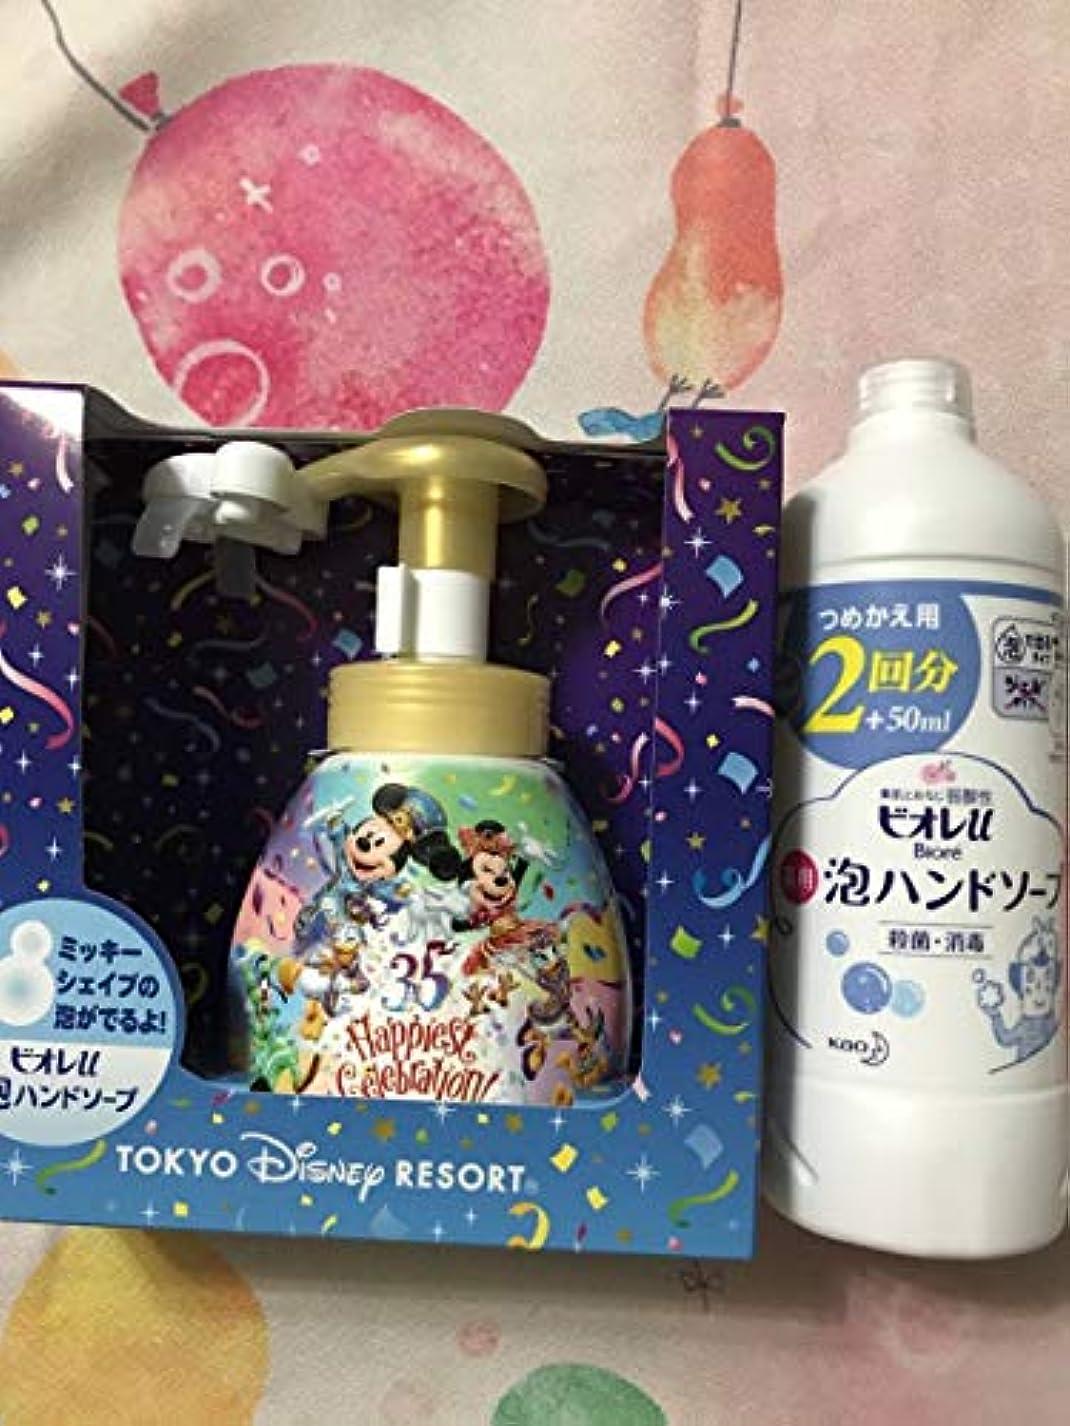 アライアンス落胆した事件、出来事ミッキー シェイプ ハンドソープ 東京 ディズニー リゾート 35周年 記念 石鹸 ビオレU 詰め替え 付き